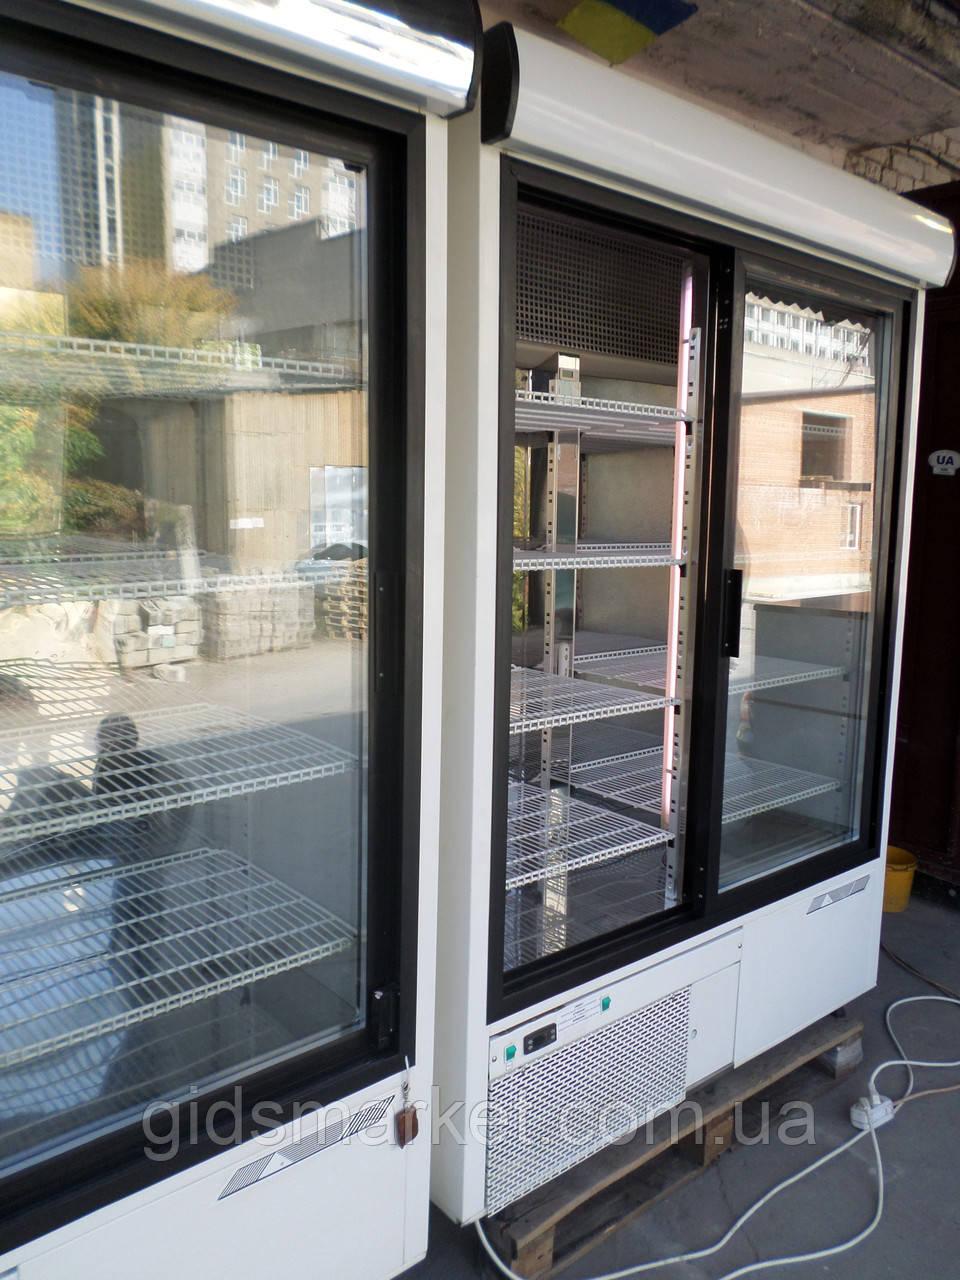 купить холодильный шкаф Cold Sw 1400 б у холодильный шкаф купе бу